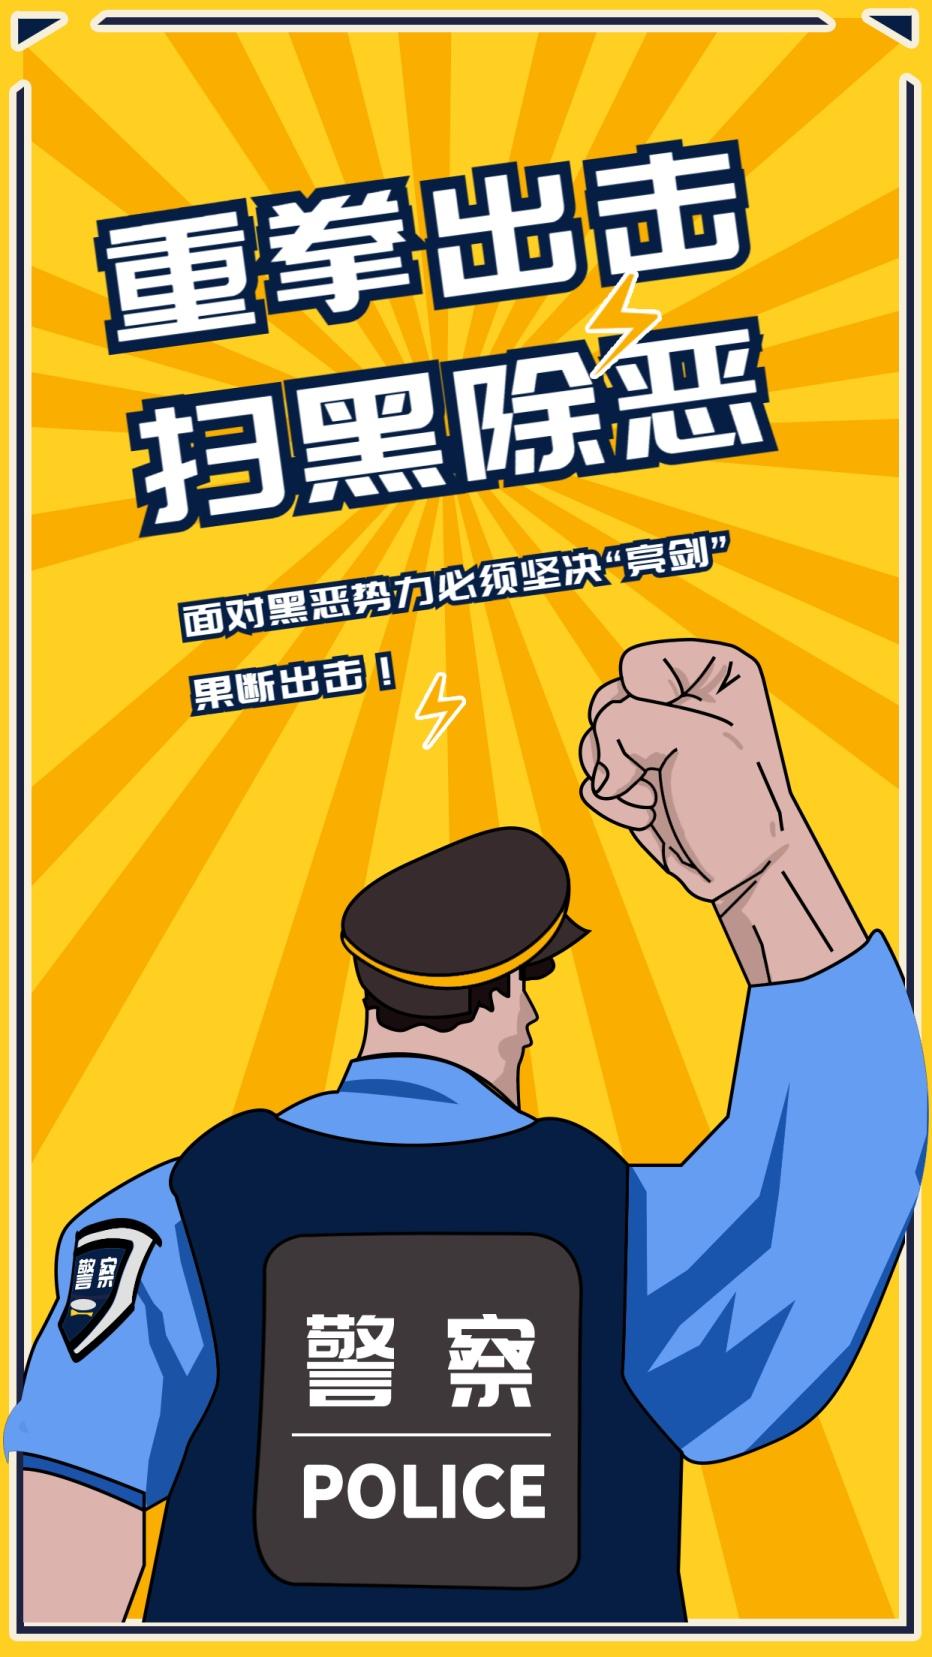 扫黑除恶宣传党政风手机海报